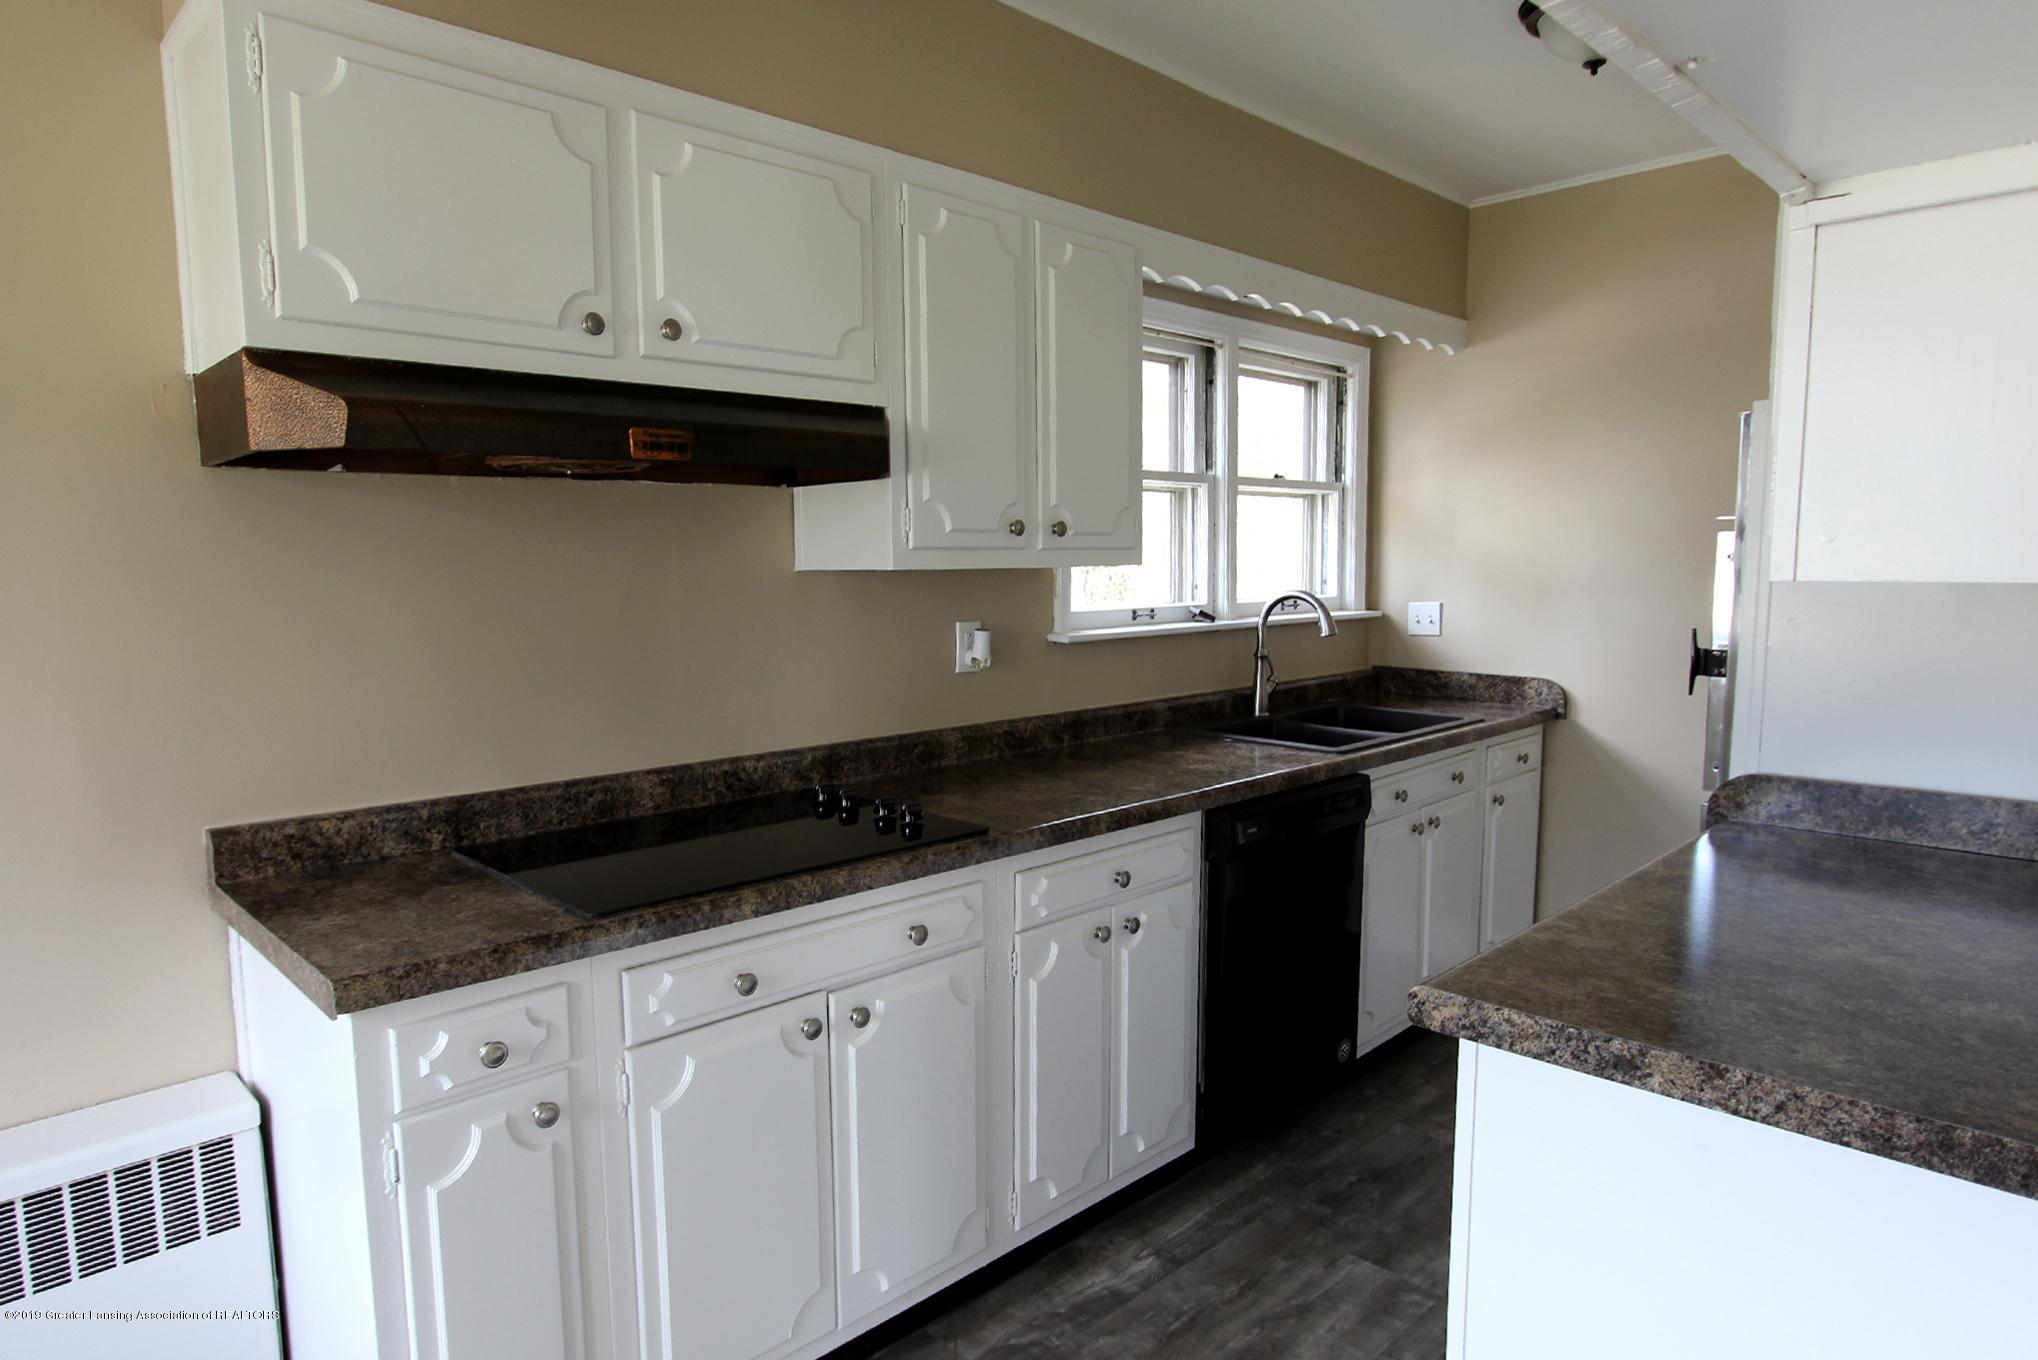 214 N Franklin St - 10 Kitchen 1 - 11